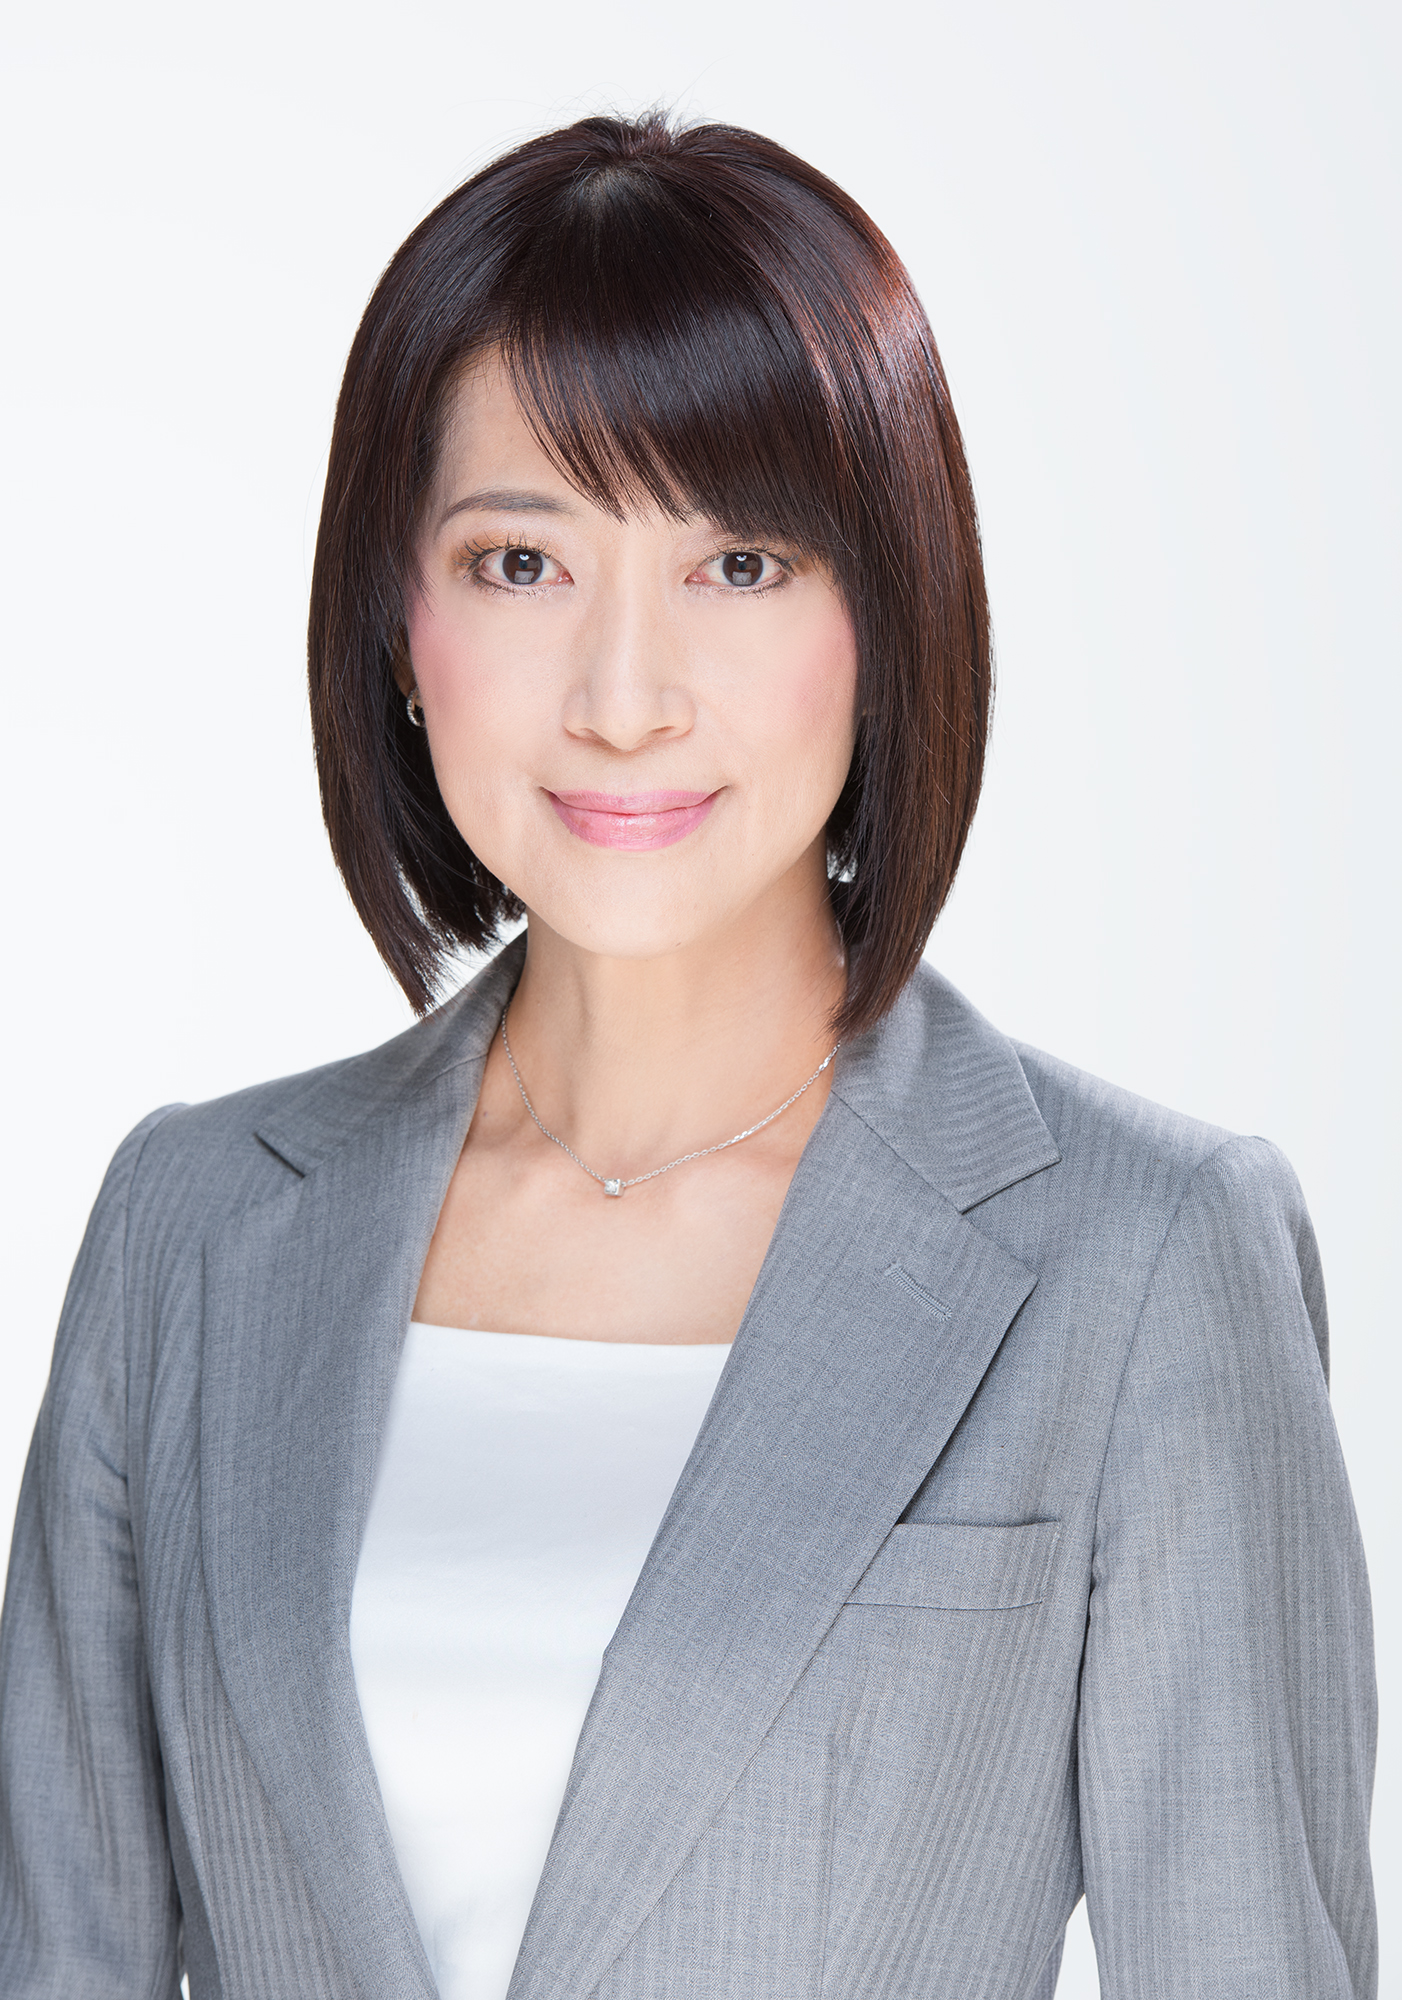 東京大学 客員准教授    松本  真由美  氏